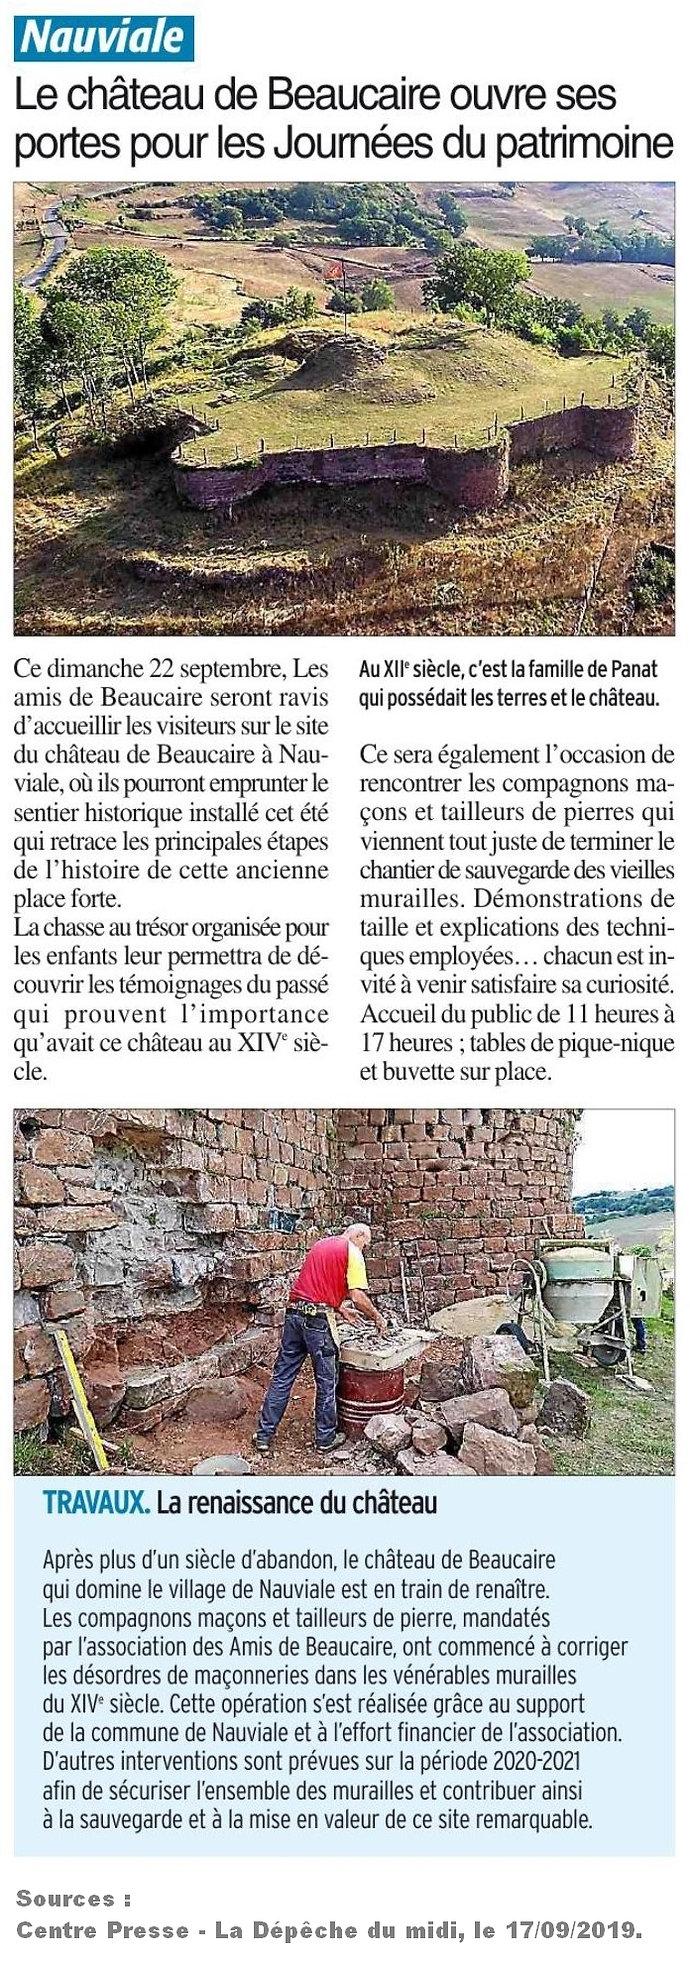 20190917_Chateau_de_Beaucaire-Presse.jpg